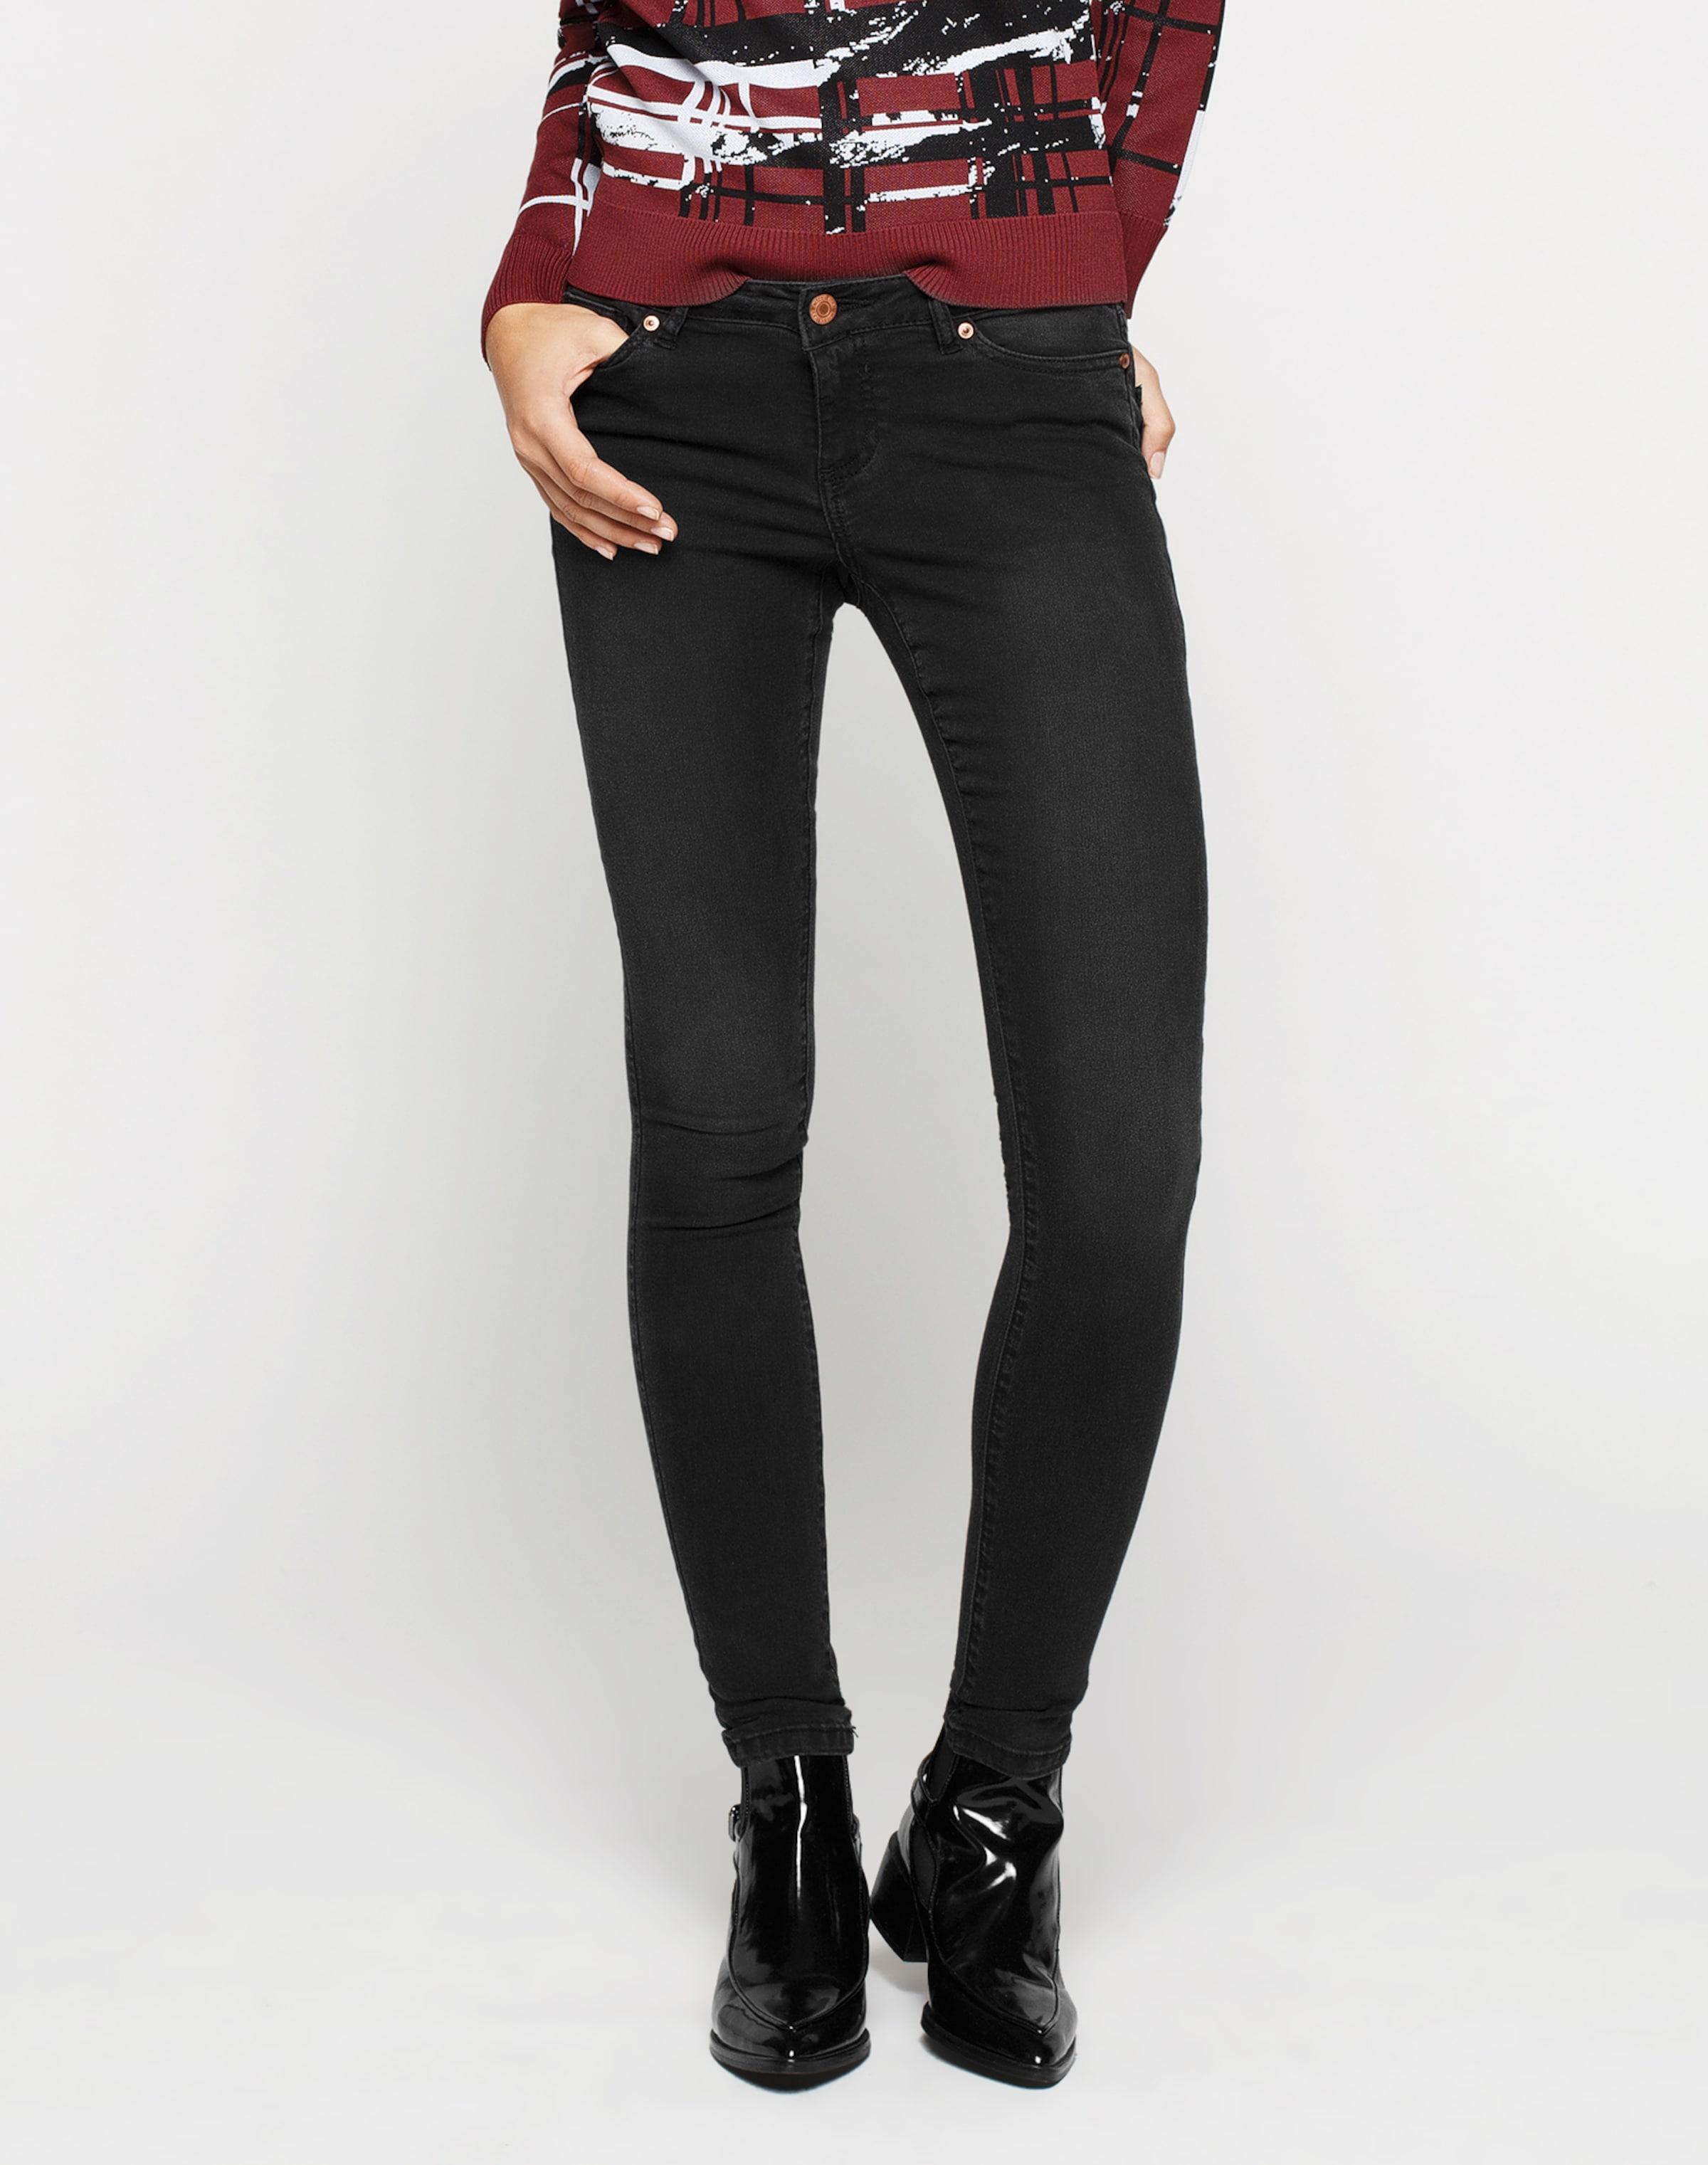 Noisy may Stretchige Skinny Jeans 'Eve' 100% Authentisch Zu Verkaufen Outlet-Store Günstiger Preis Auslass Fälschen Eastbay Online FX5s0